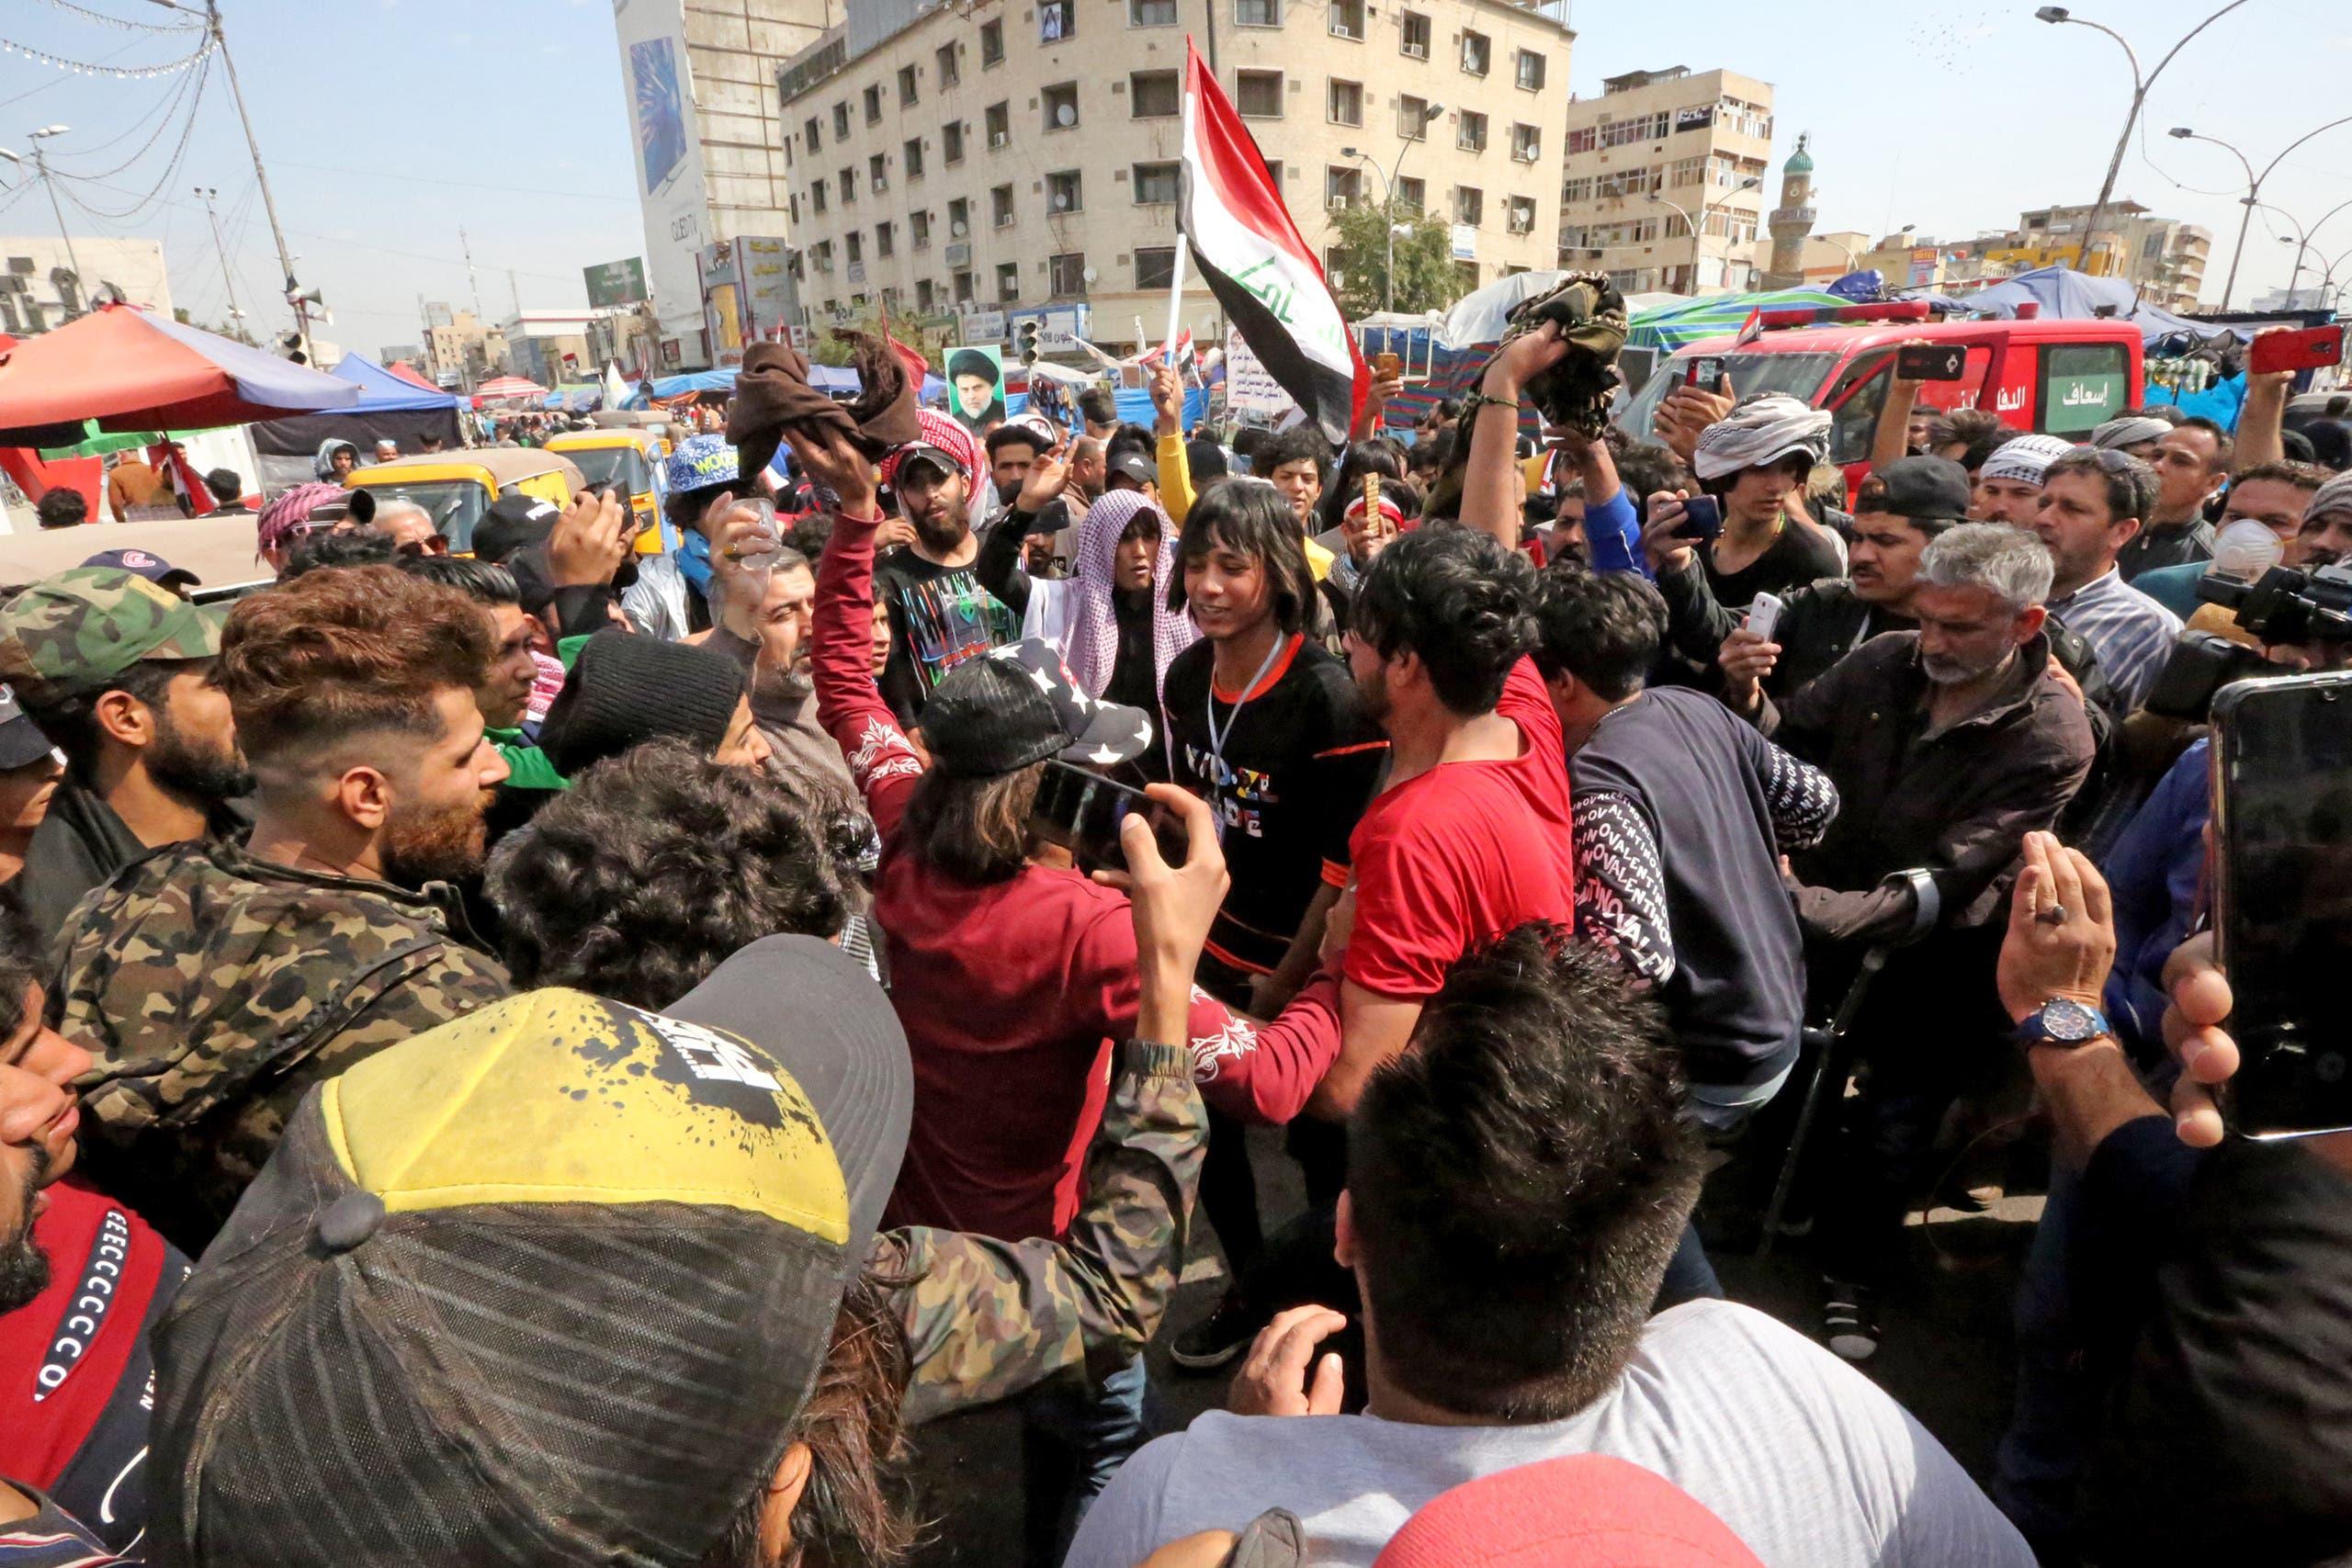 من ساحة التحرير في بغداد (الاول من مارس- فرانس برس)